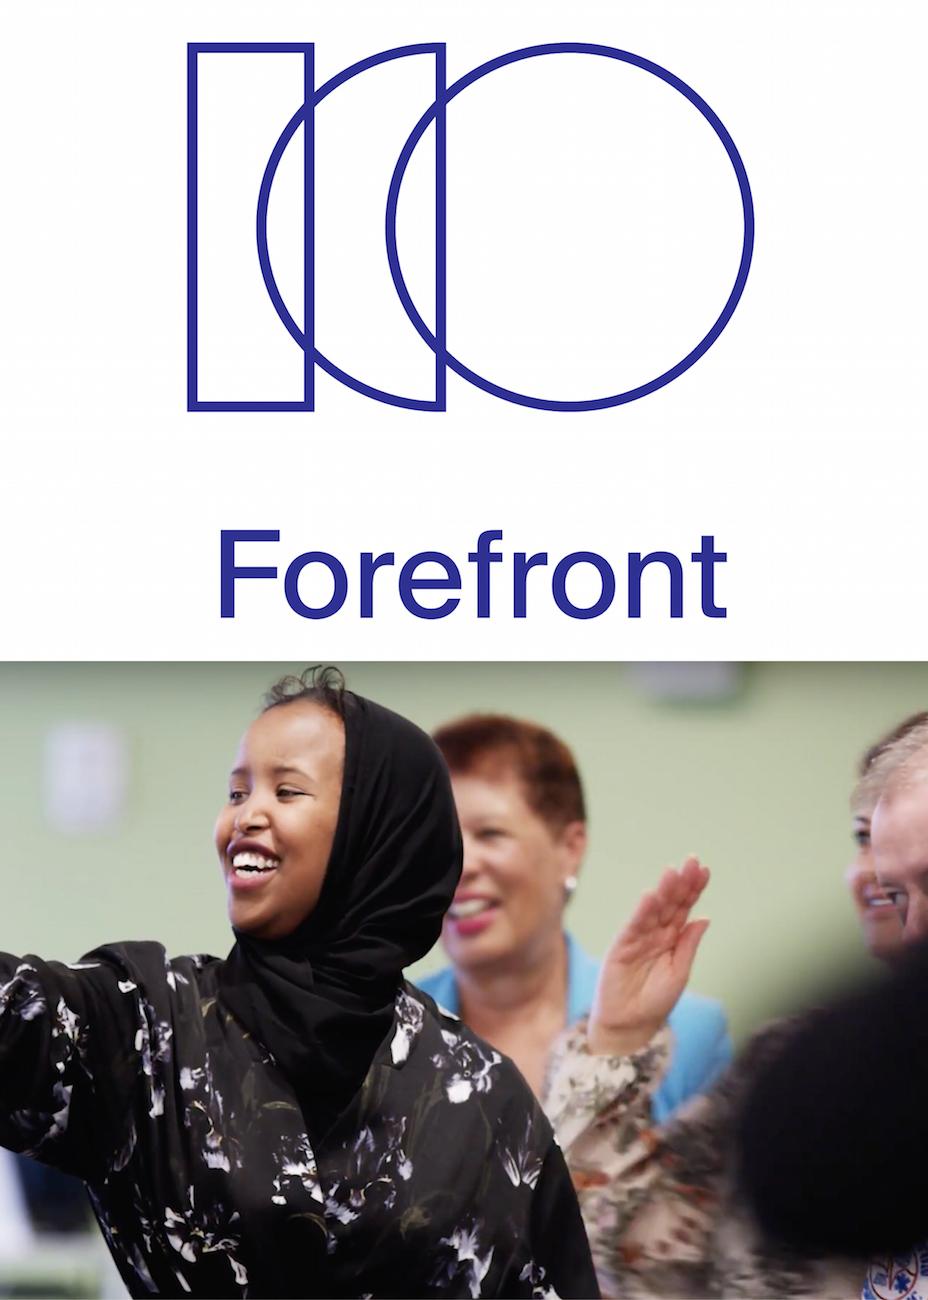 fellowprofile_org_forefront.jpg